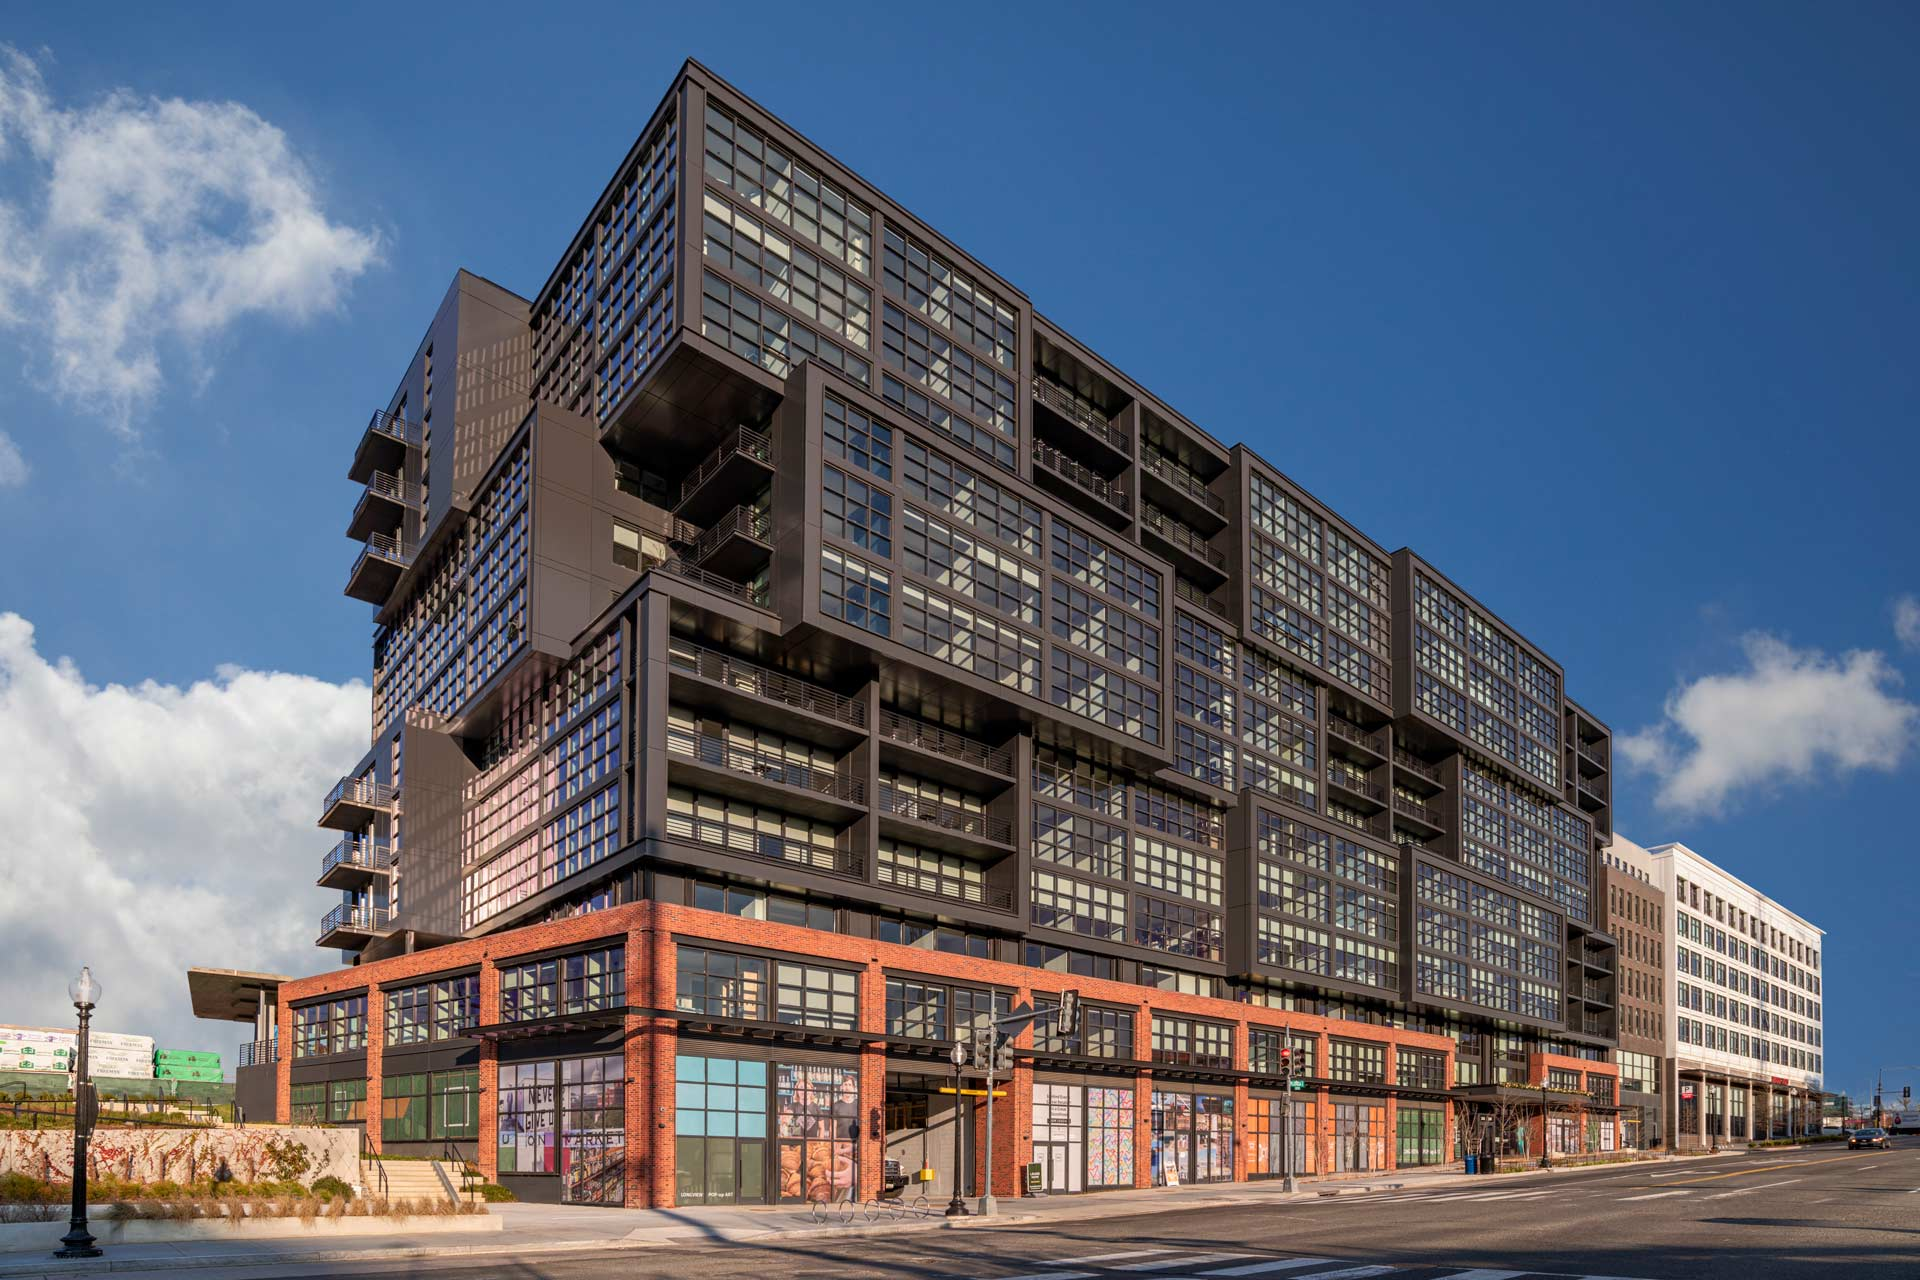 i5 union market facade